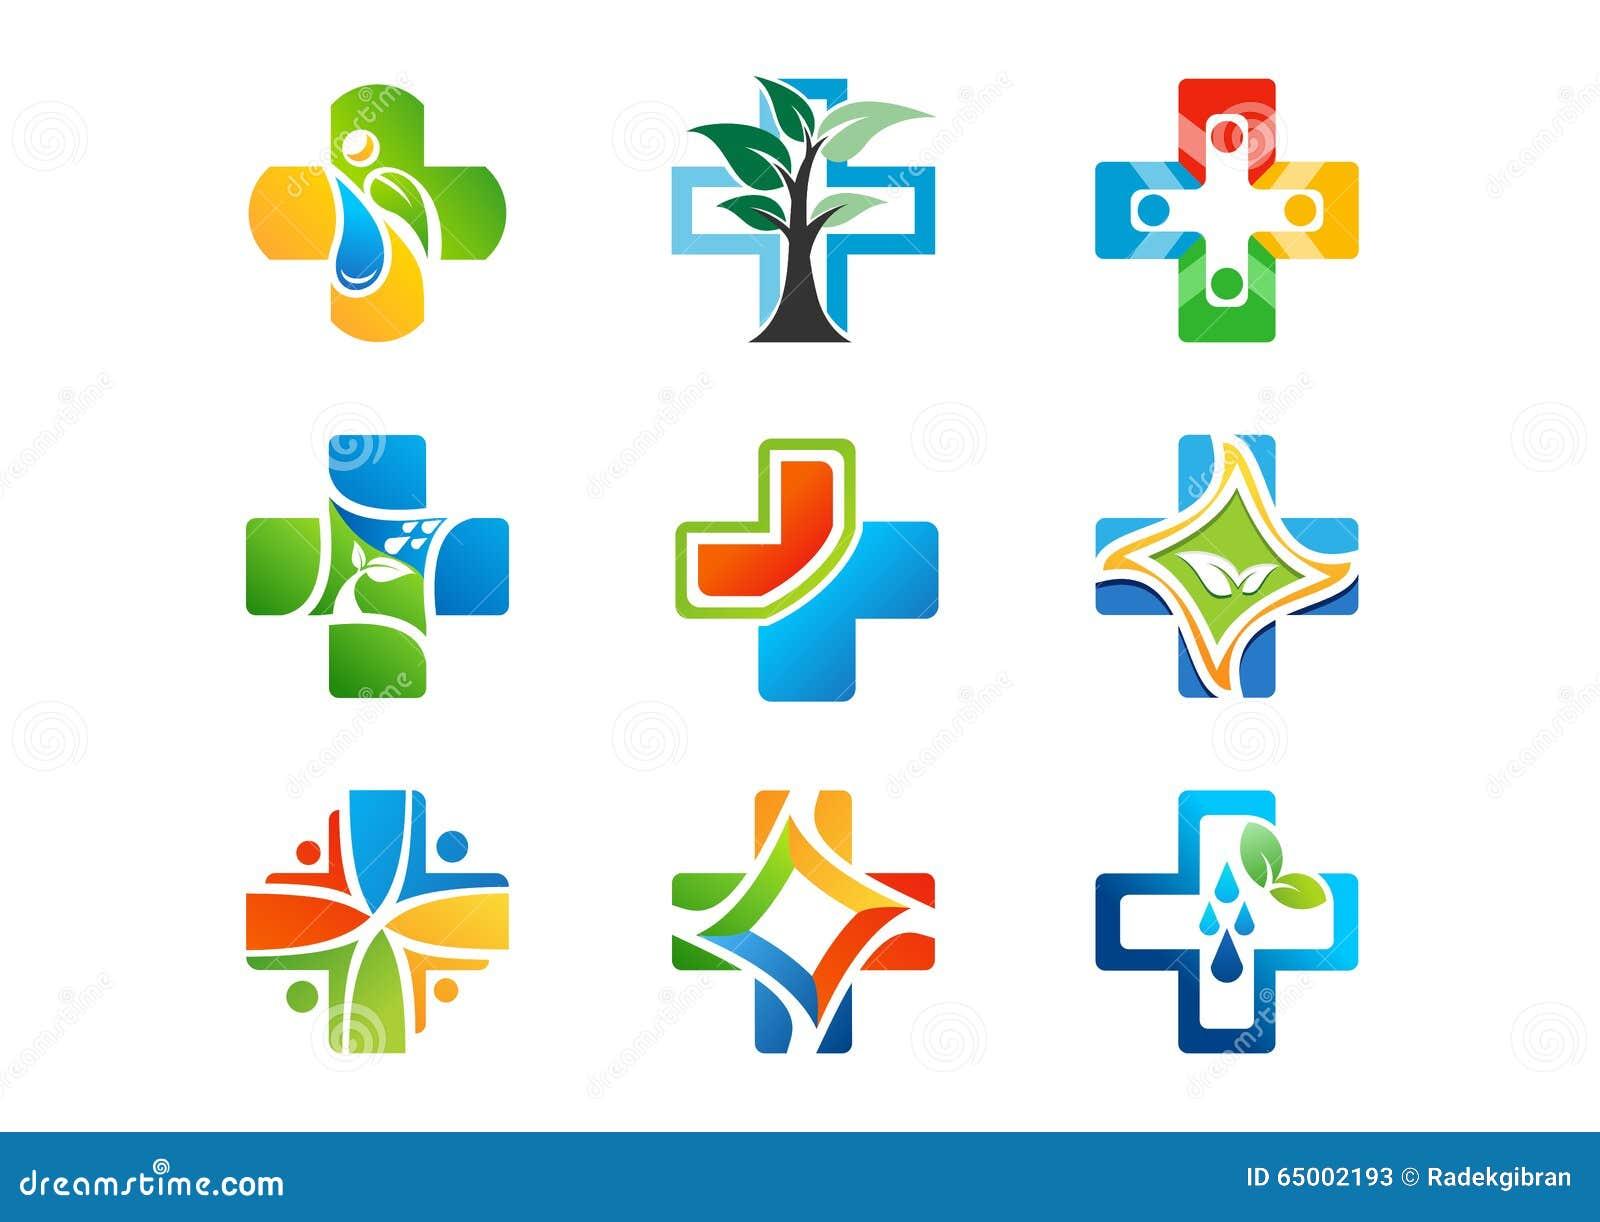 Медицинский логотип фармации, медицина плюс значки, комплект здоровья дизайна вектора травы символа естественного